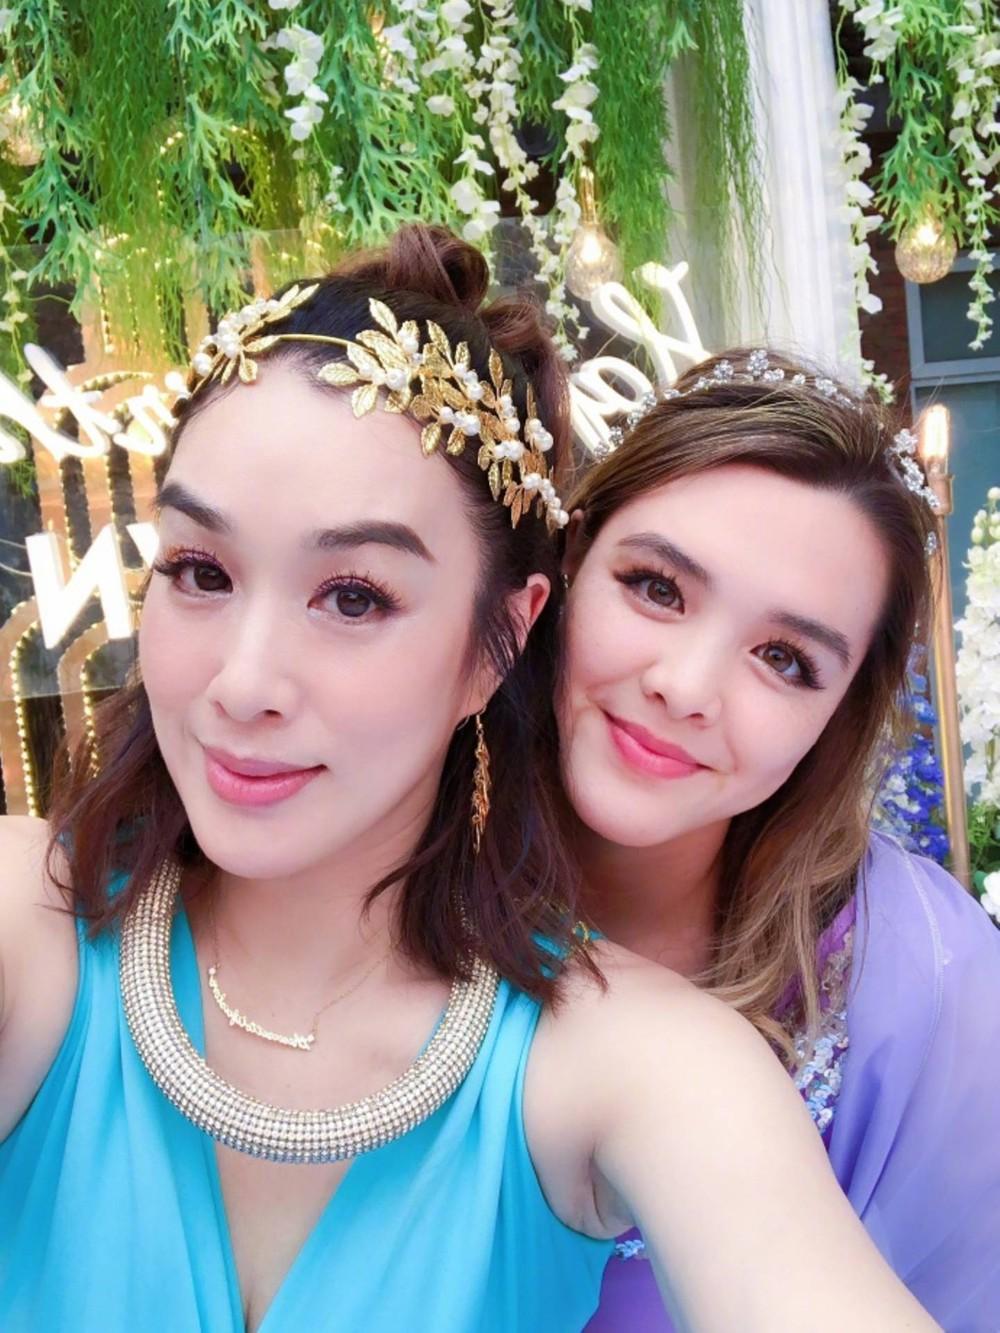 Con gái xinh đẹp, phóng khoáng của nữ thần gợi cảm gốc Việt Chung Lệ Đề - Ảnh 2.